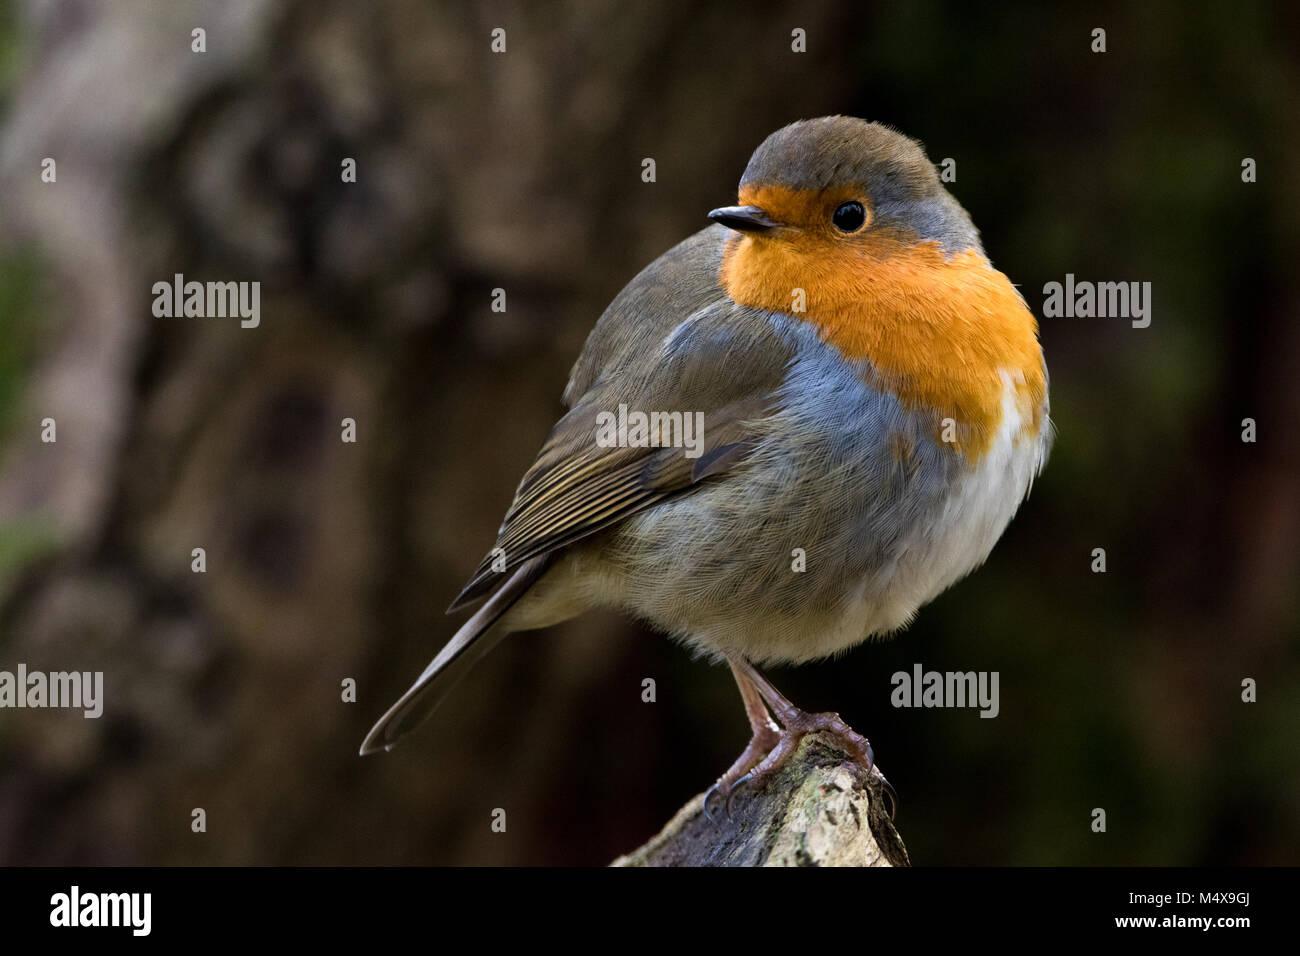 red robin bird portrait stock photo 175140578 alamy